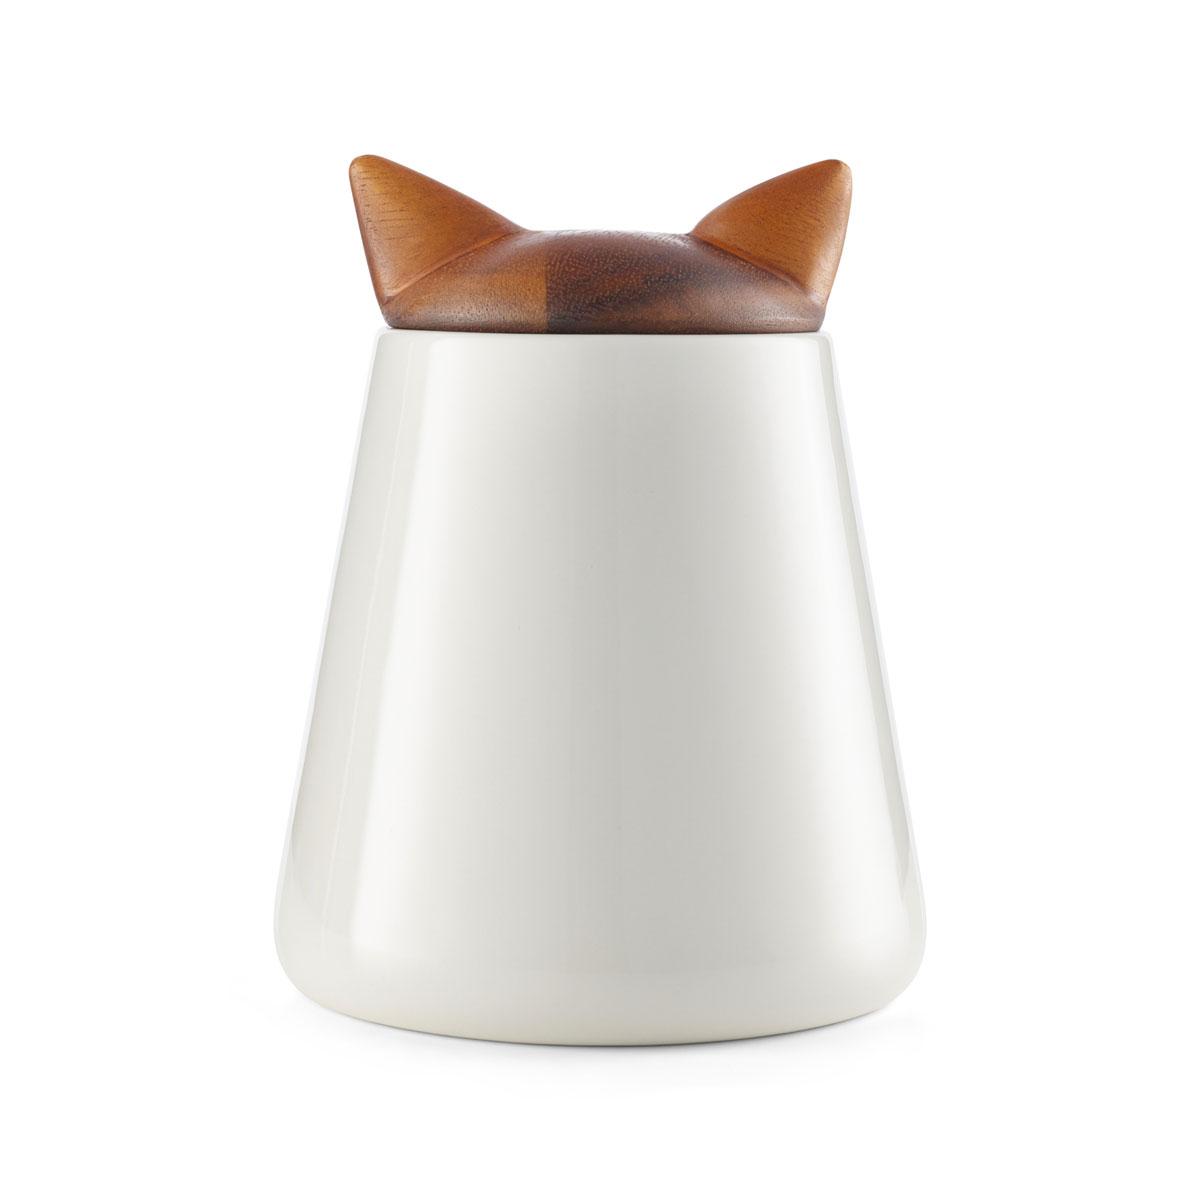 Nambe Pet Collection Cat Treat Jar